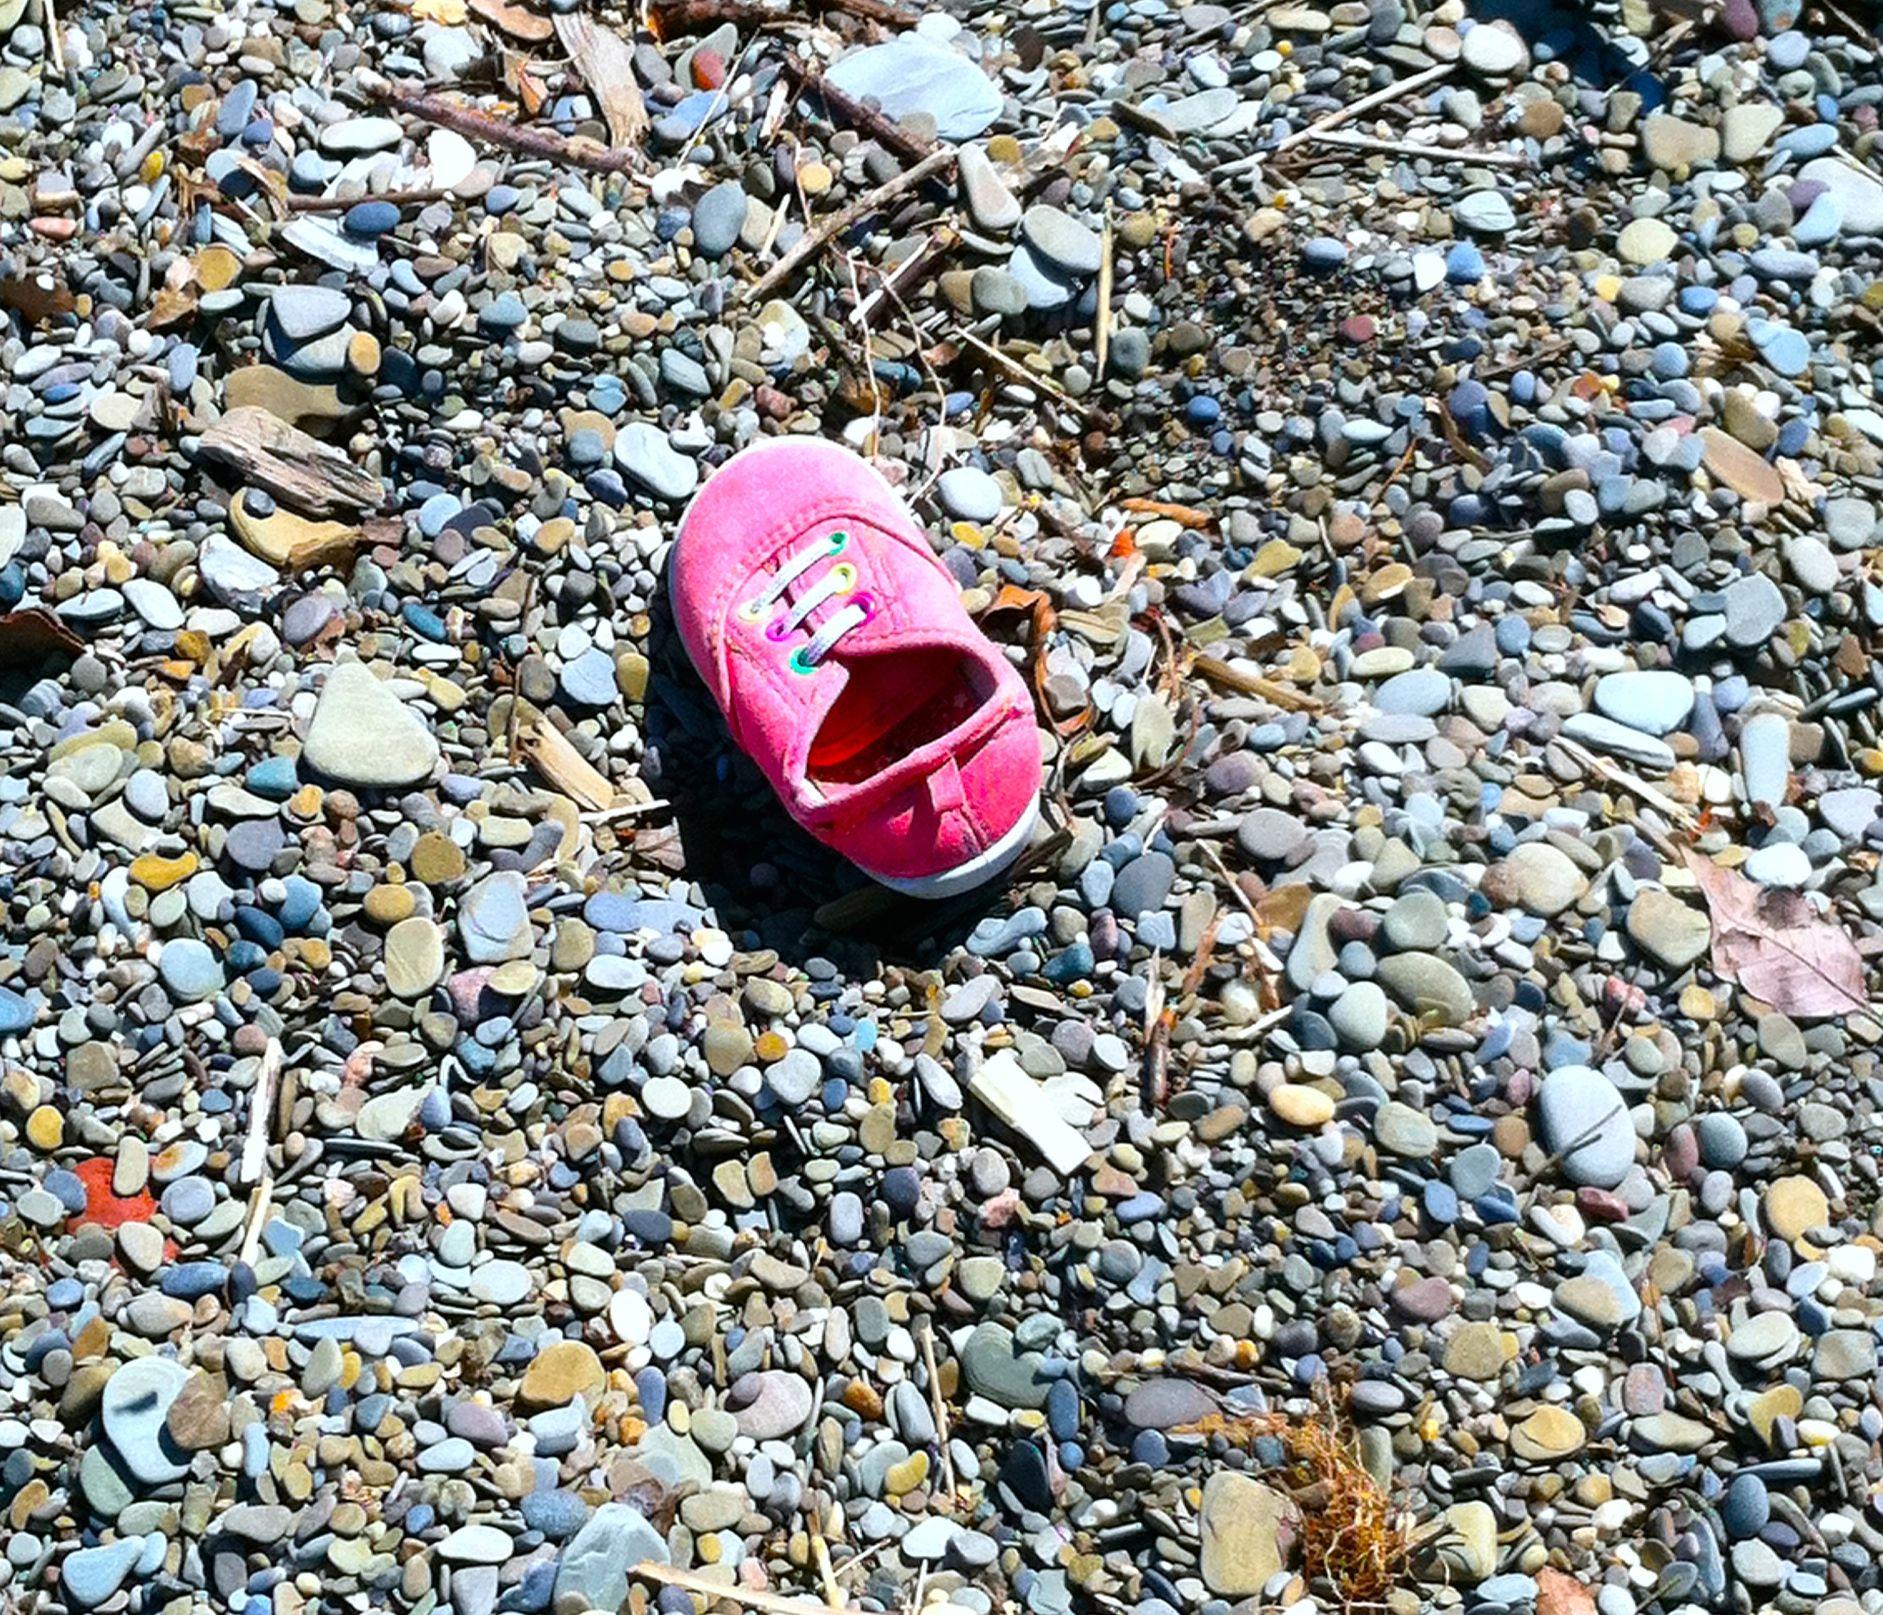 Lost shoe on beach.